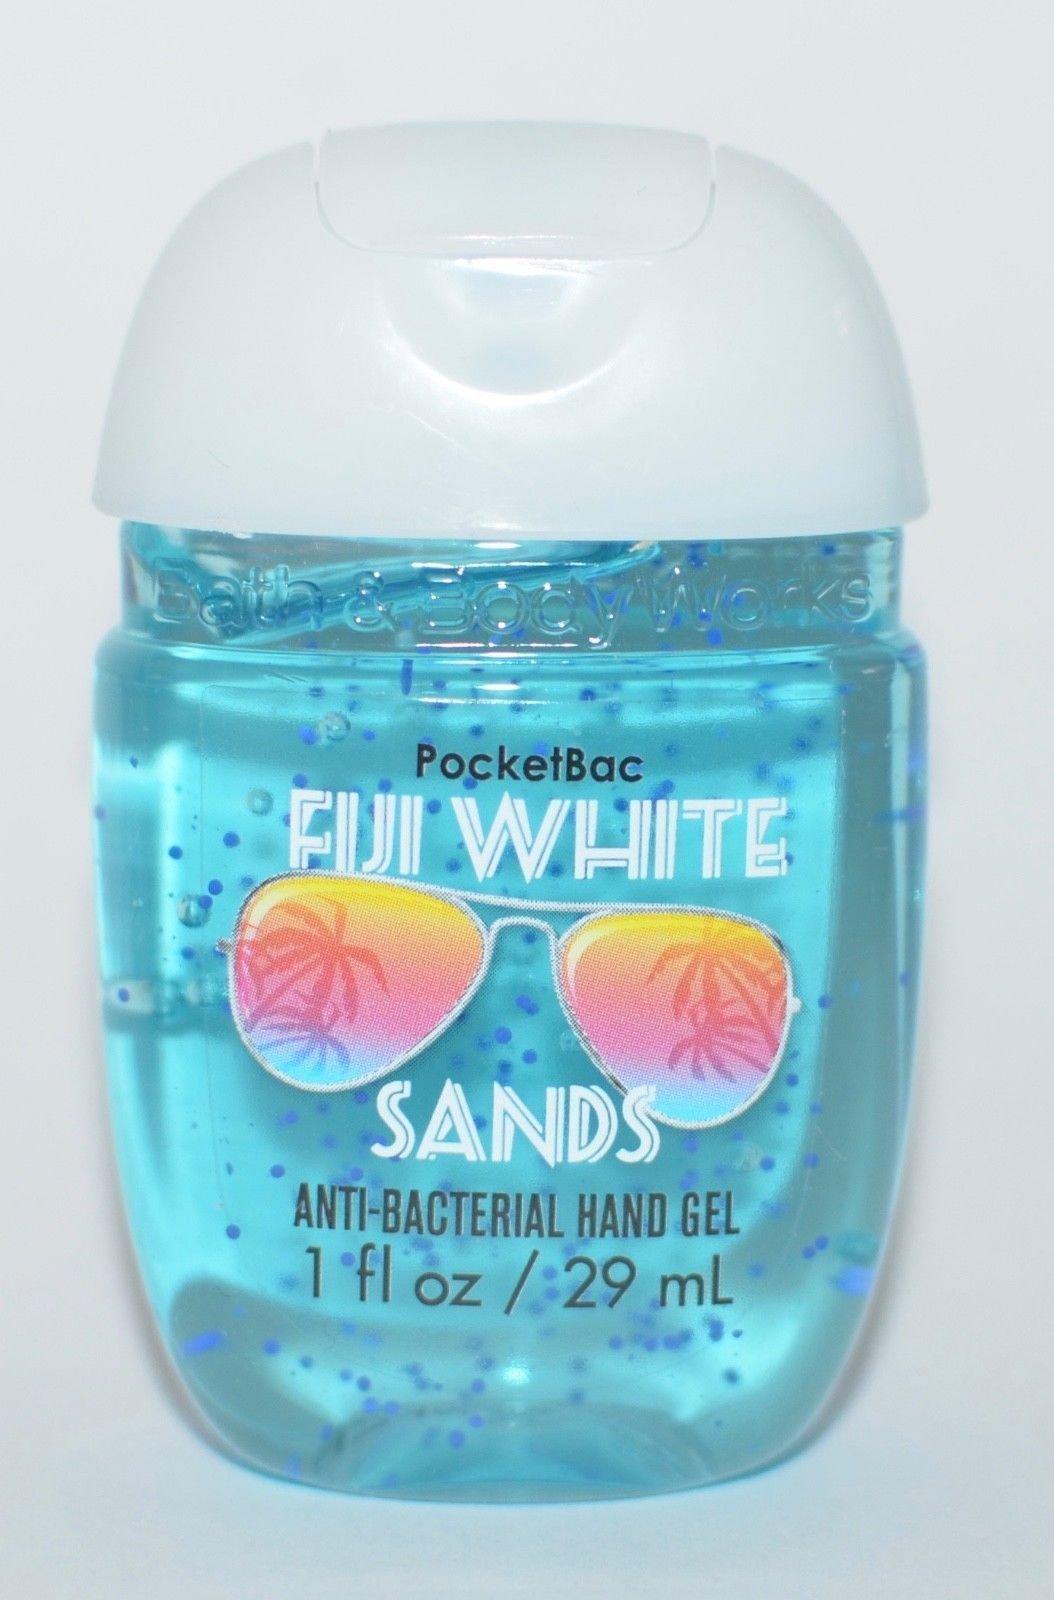 amazon.com - Bath & Body Works PocketBac Hand Gel Sanitizer Fiji White Sands